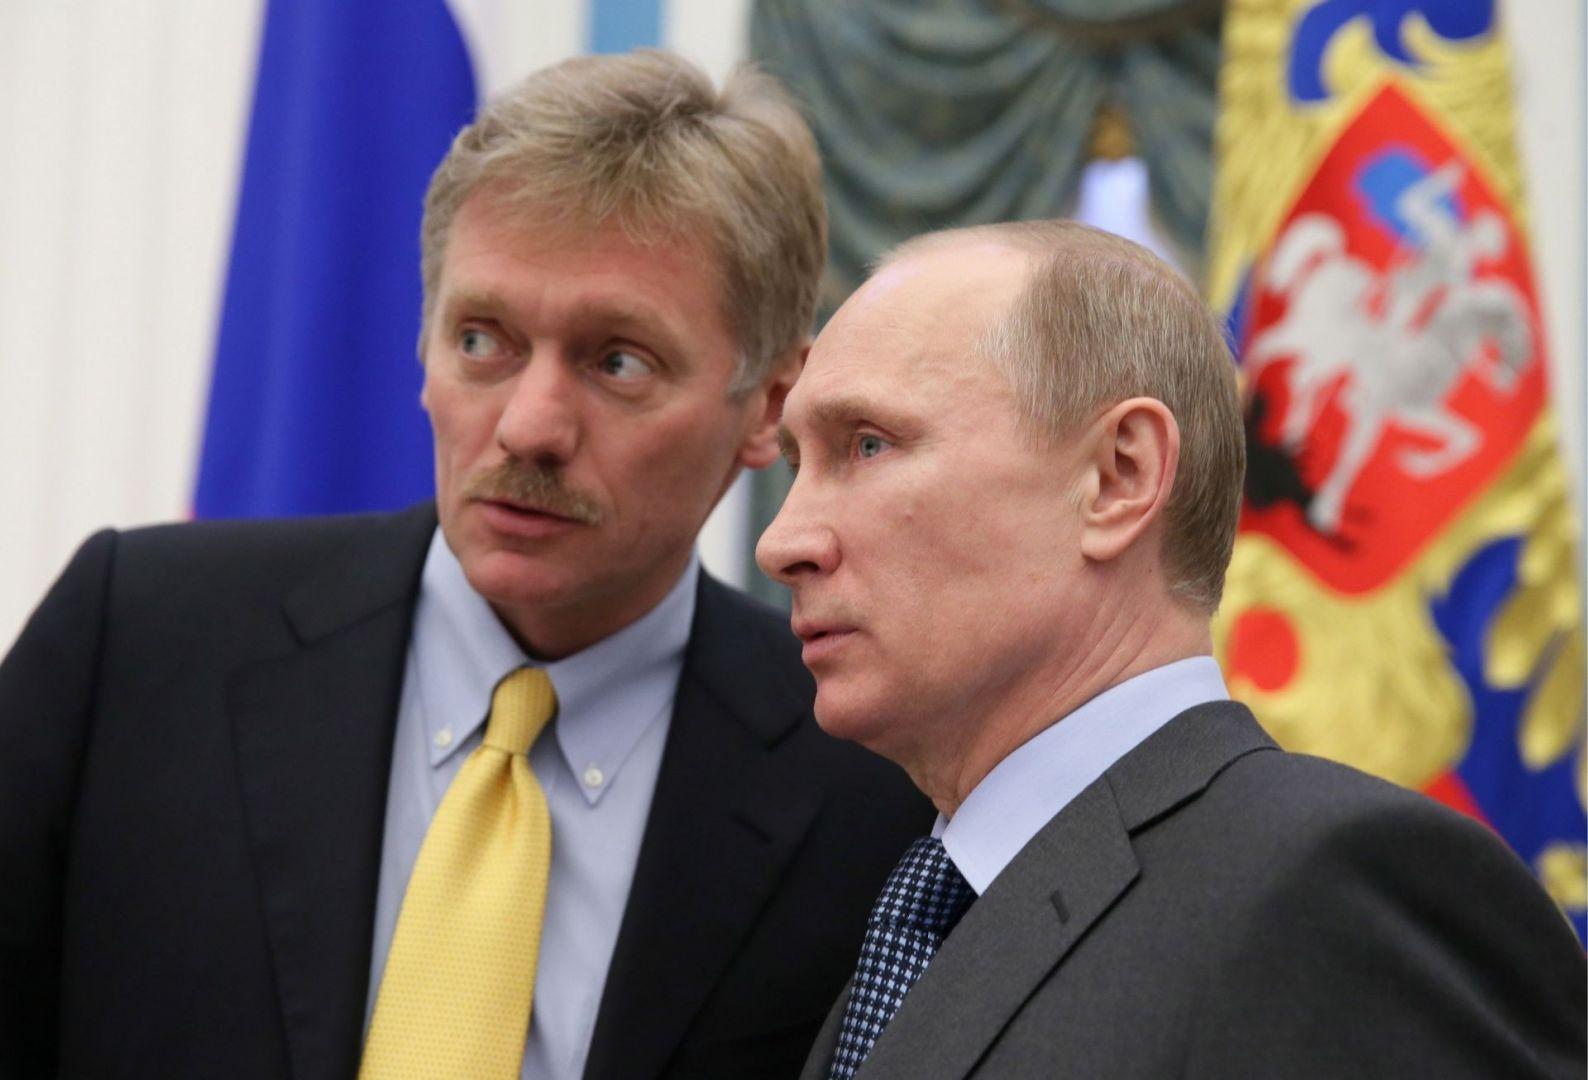 Владимир Путин официально объявил освоем участии впрезидентских выборах